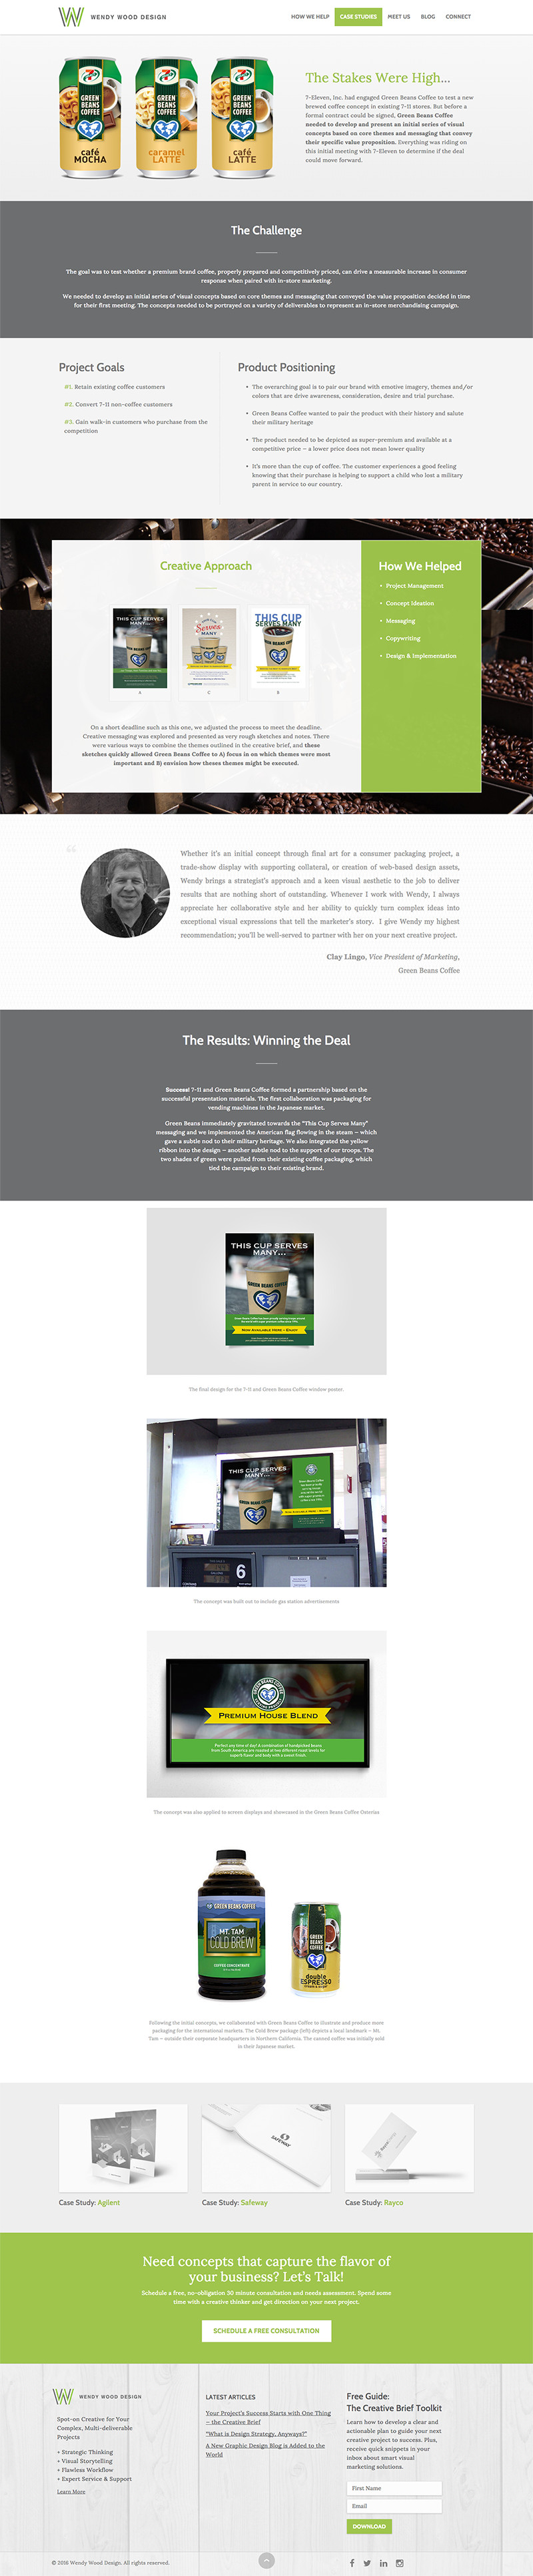 designer-portfolio-website-design5